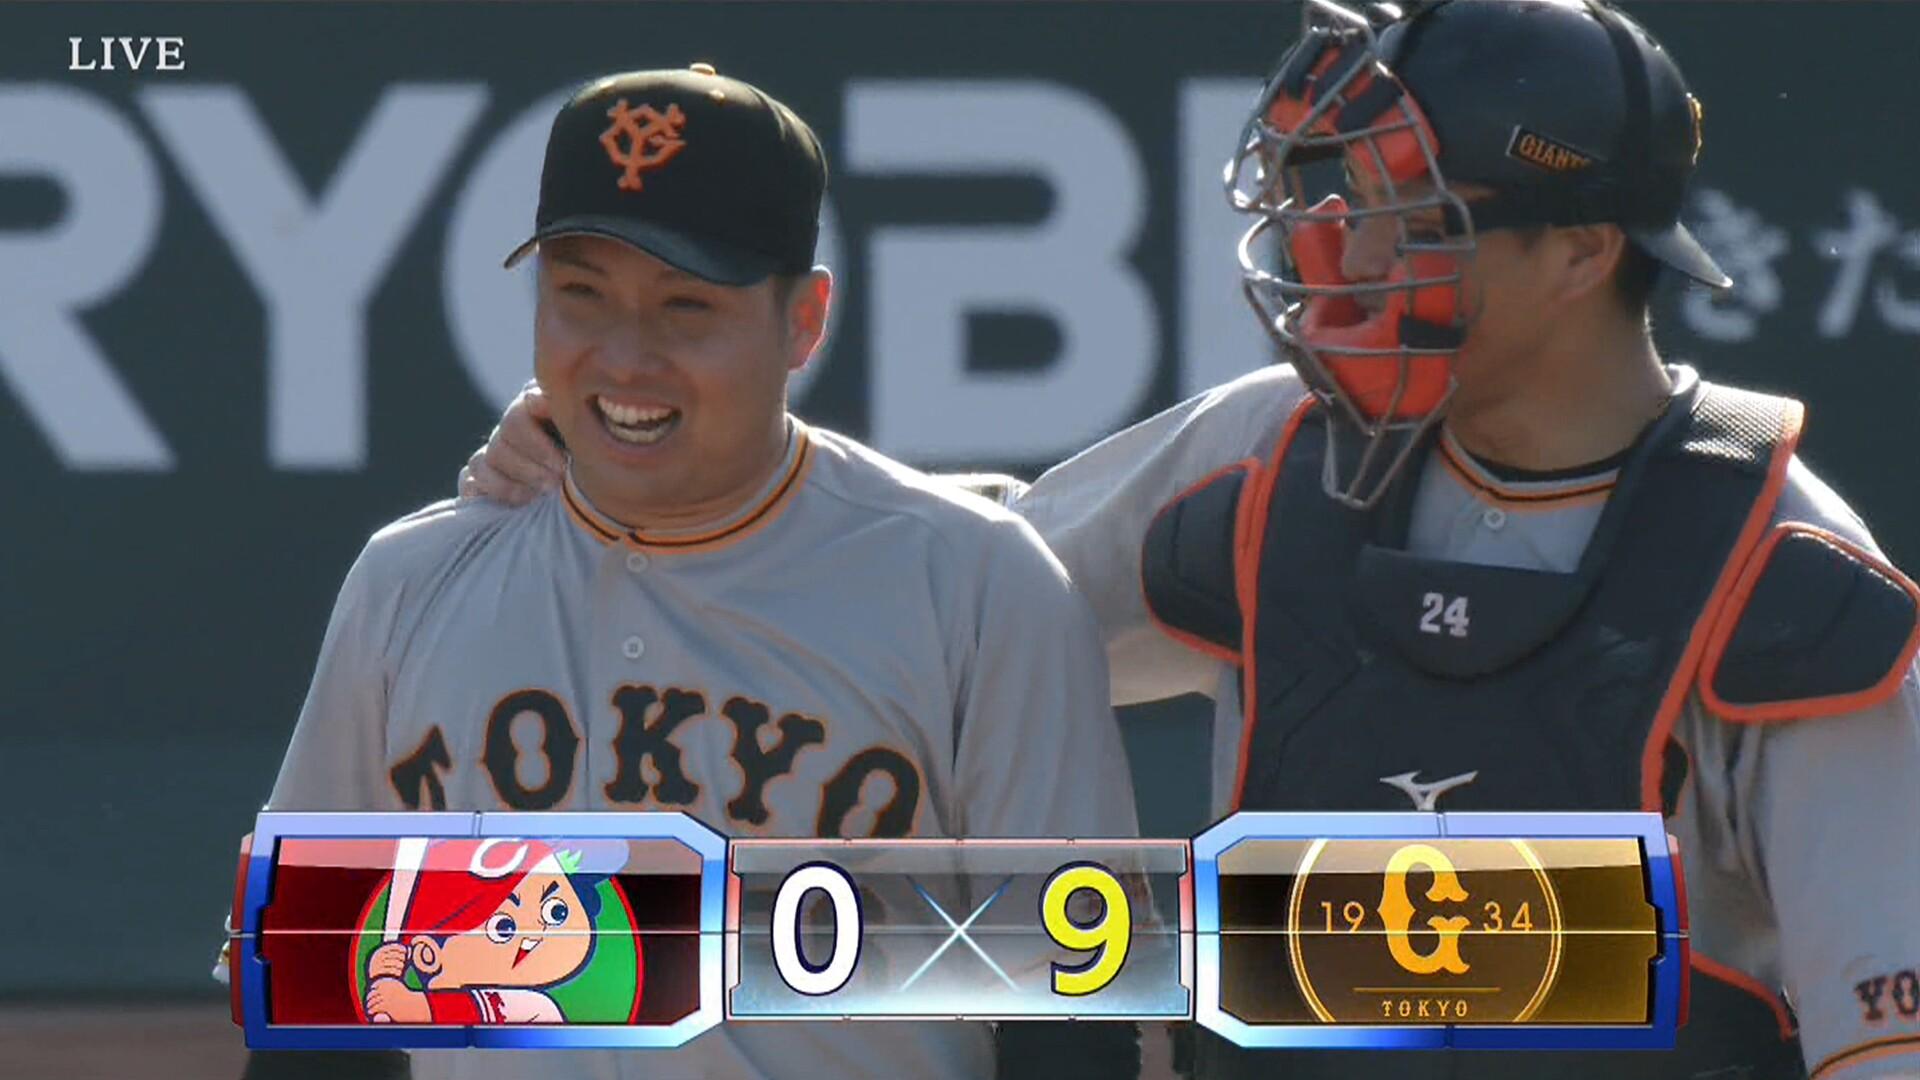 巨人・今村、142球完封! 打線は梶谷を除く先発全員安打で快勝